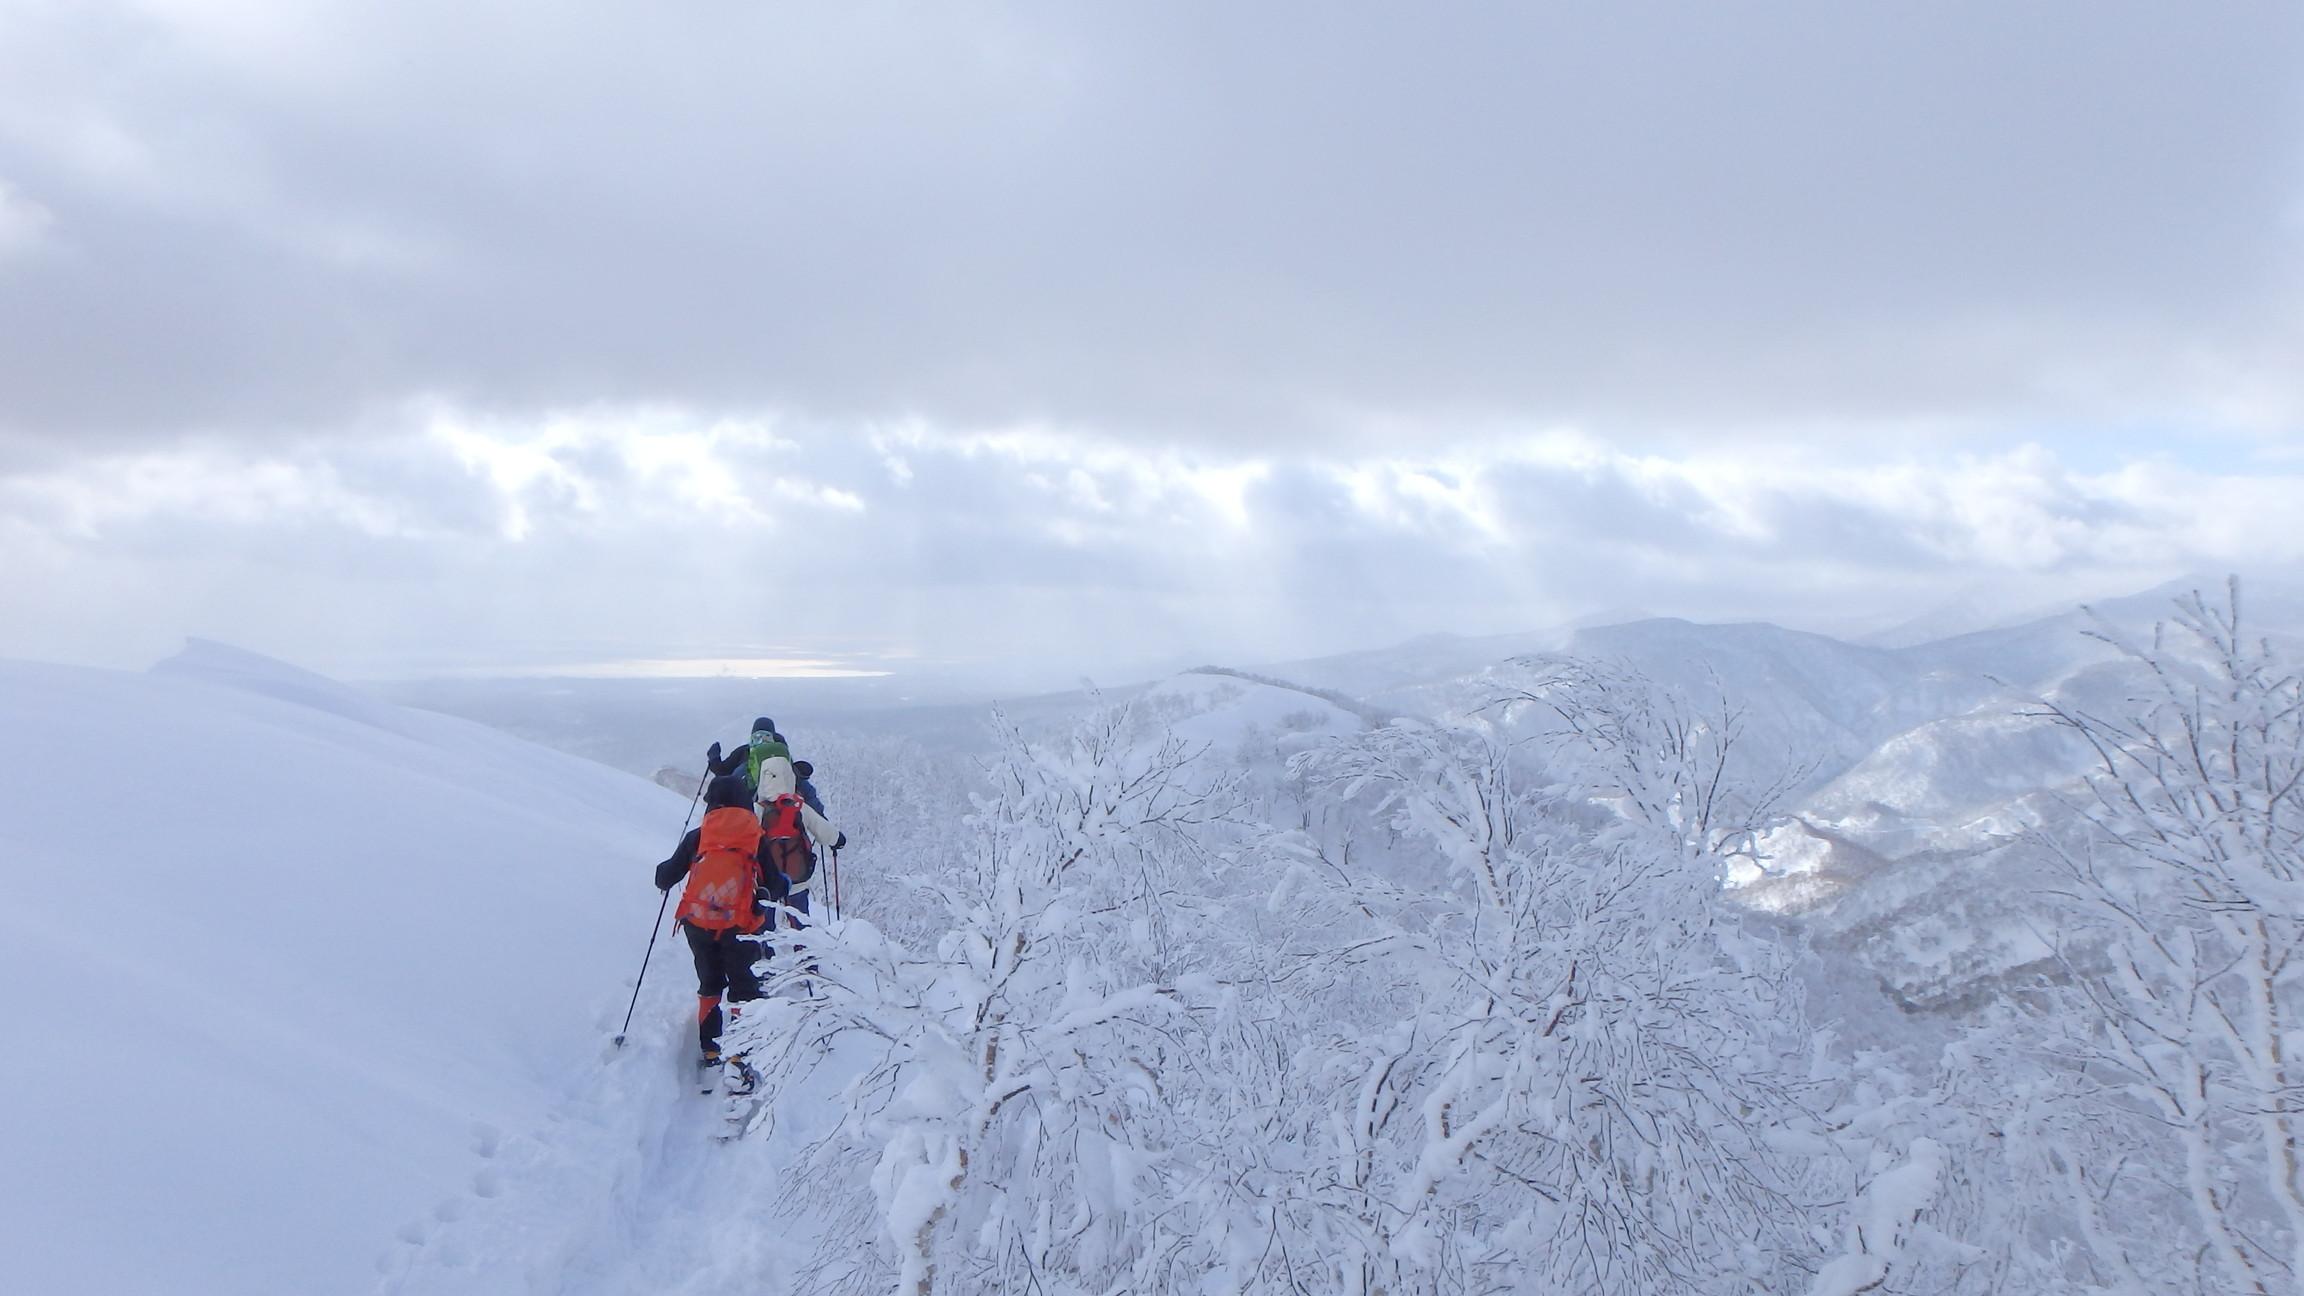 白老岳と白老岳、2019.2.9ー同行者からの写真ー_f0138096_13494254.jpg